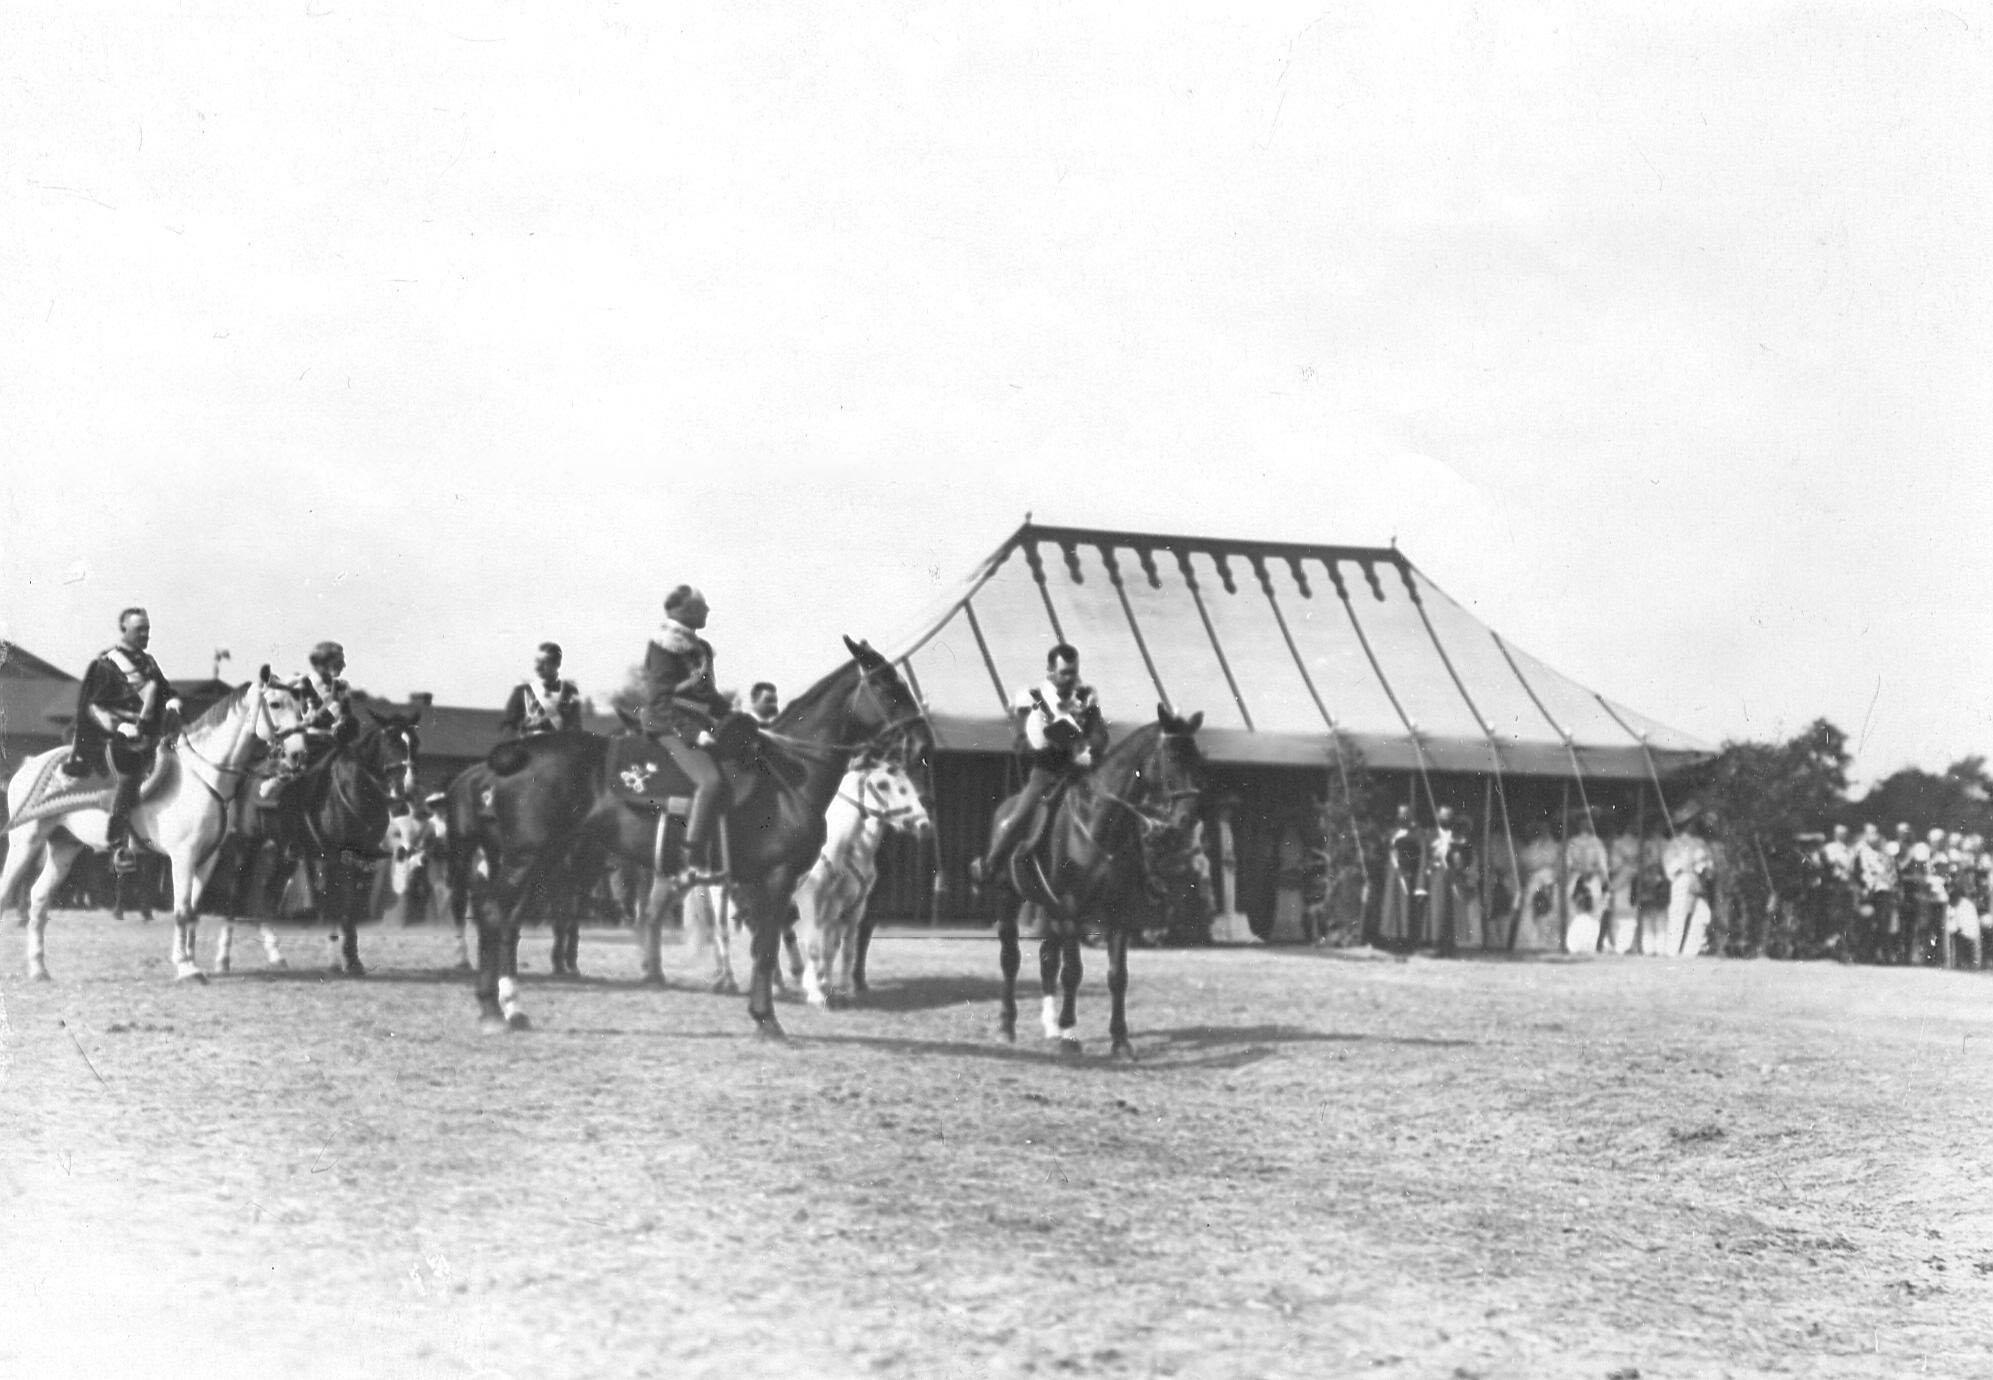 Император Николай II  во время богослужения на параде в день празднования 250-летнего юбилея полка. Слева - великий князь Николай Николаевич